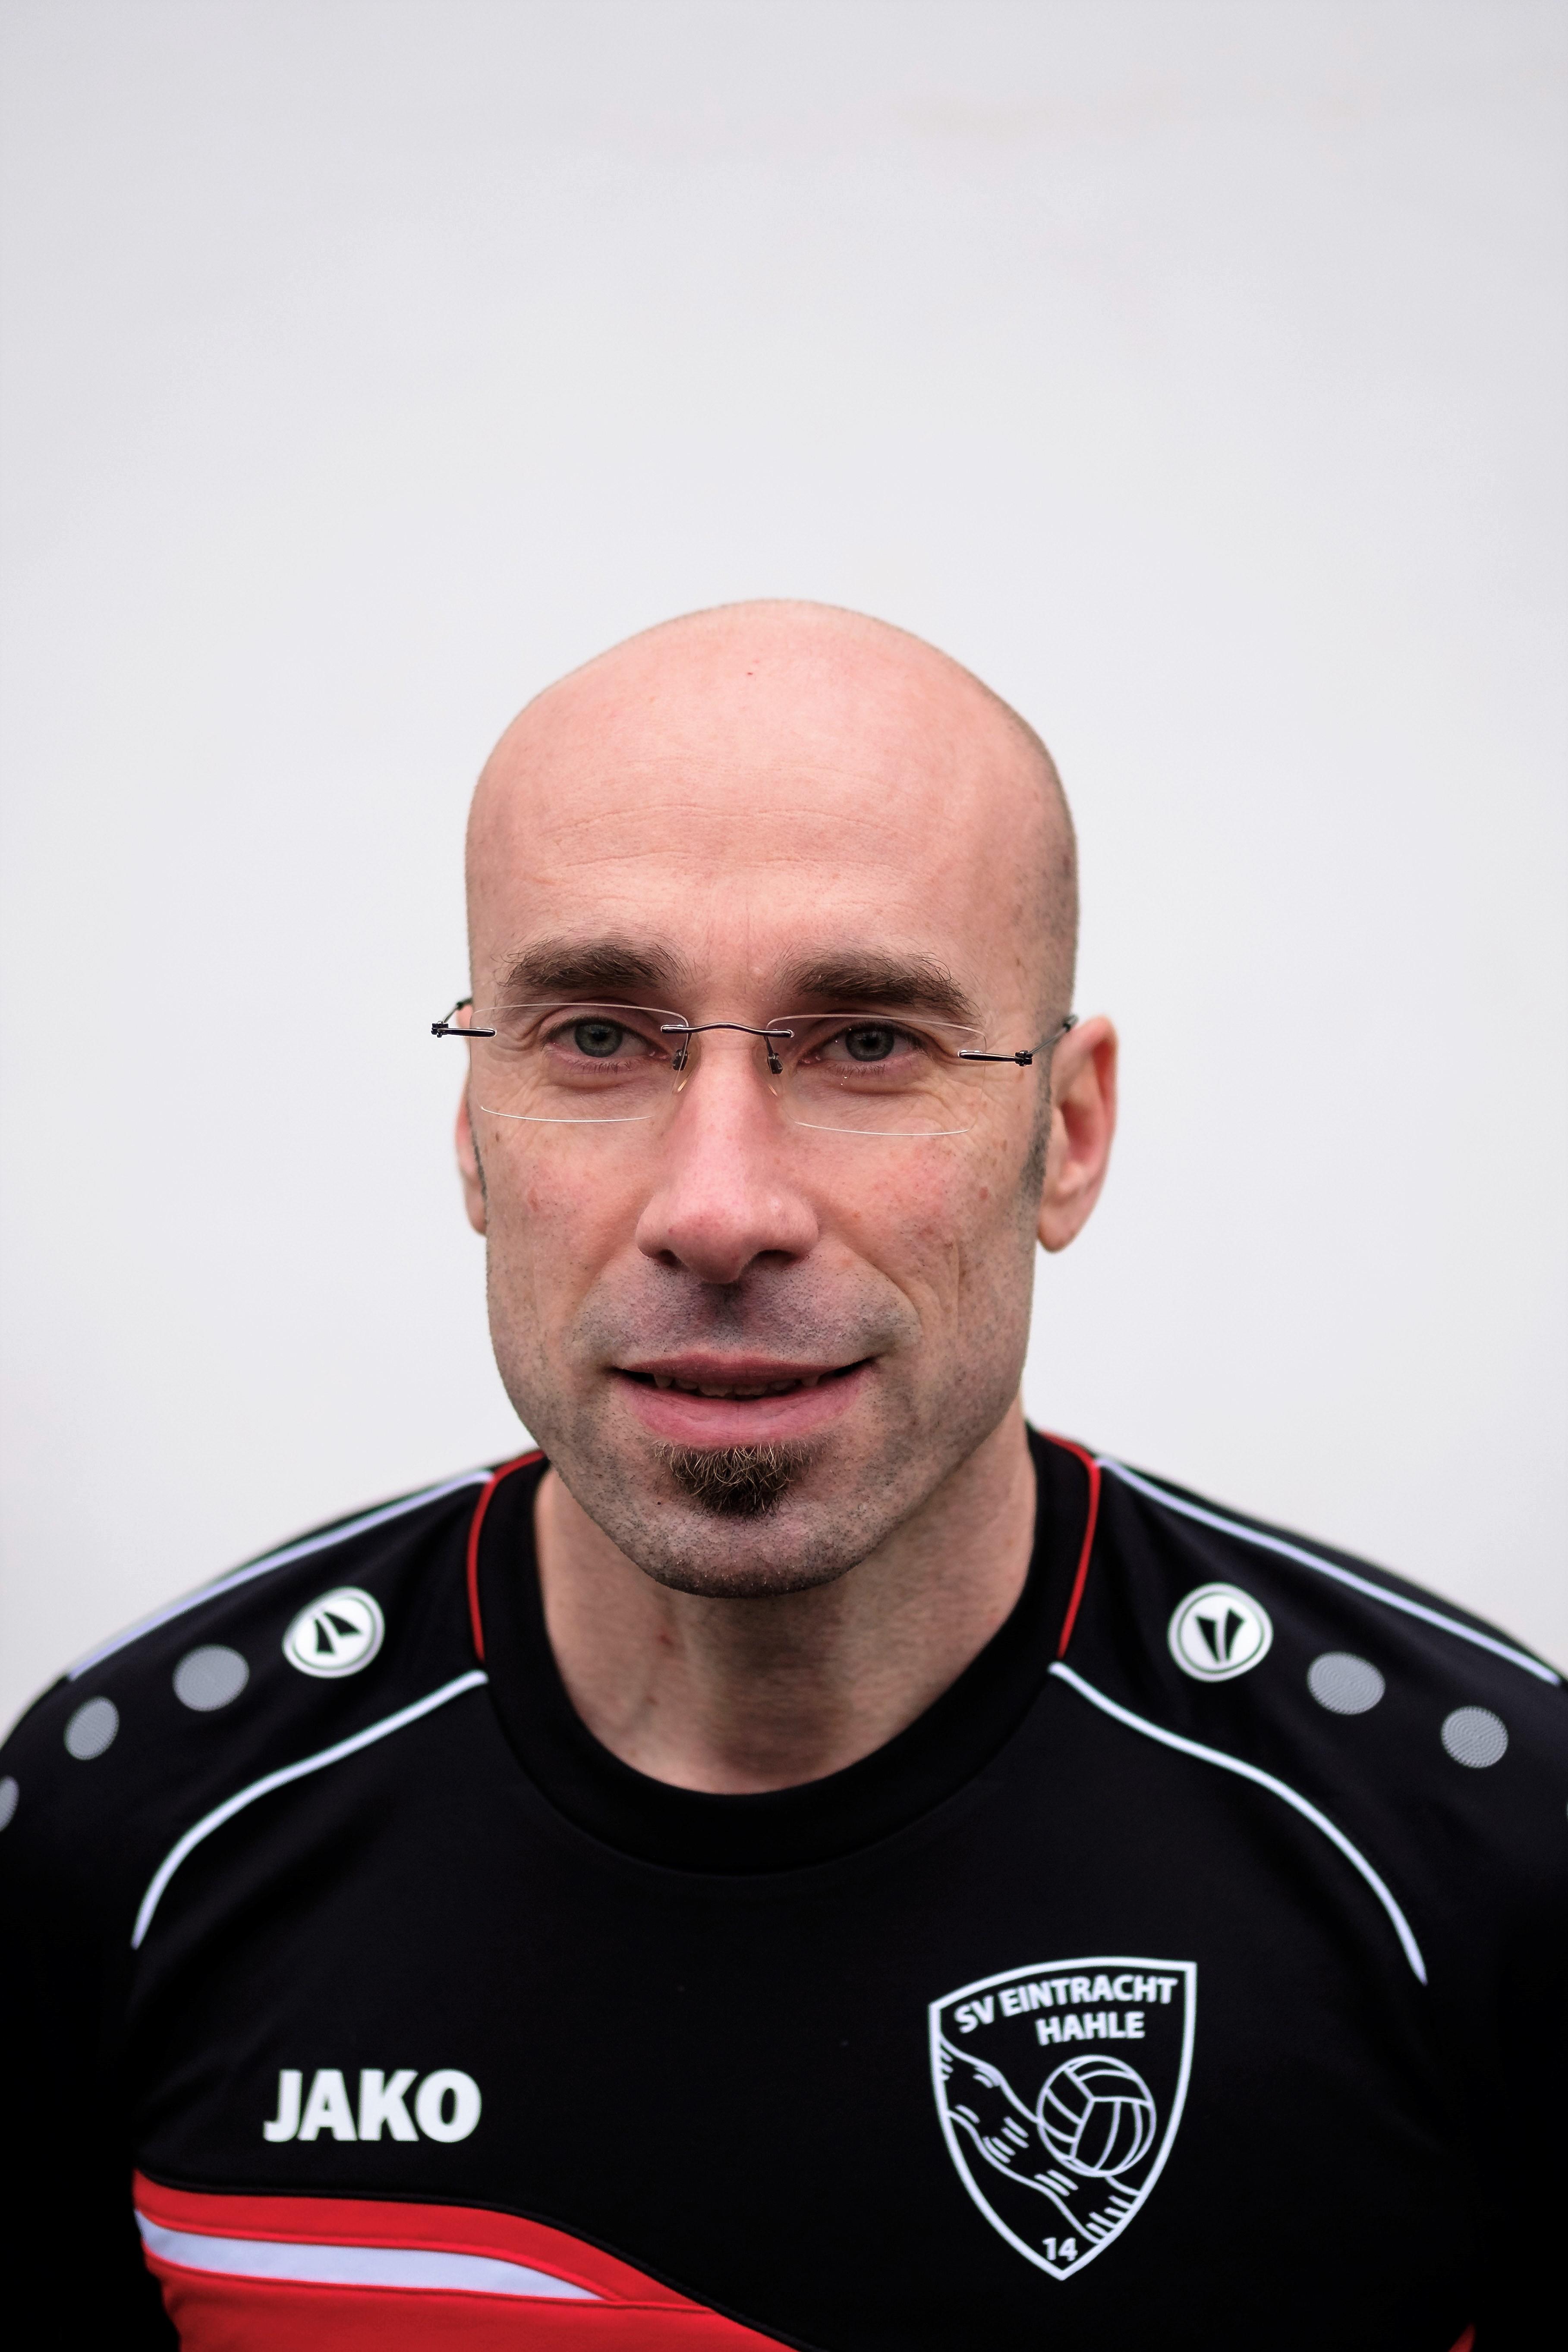 Daniele Reisinger